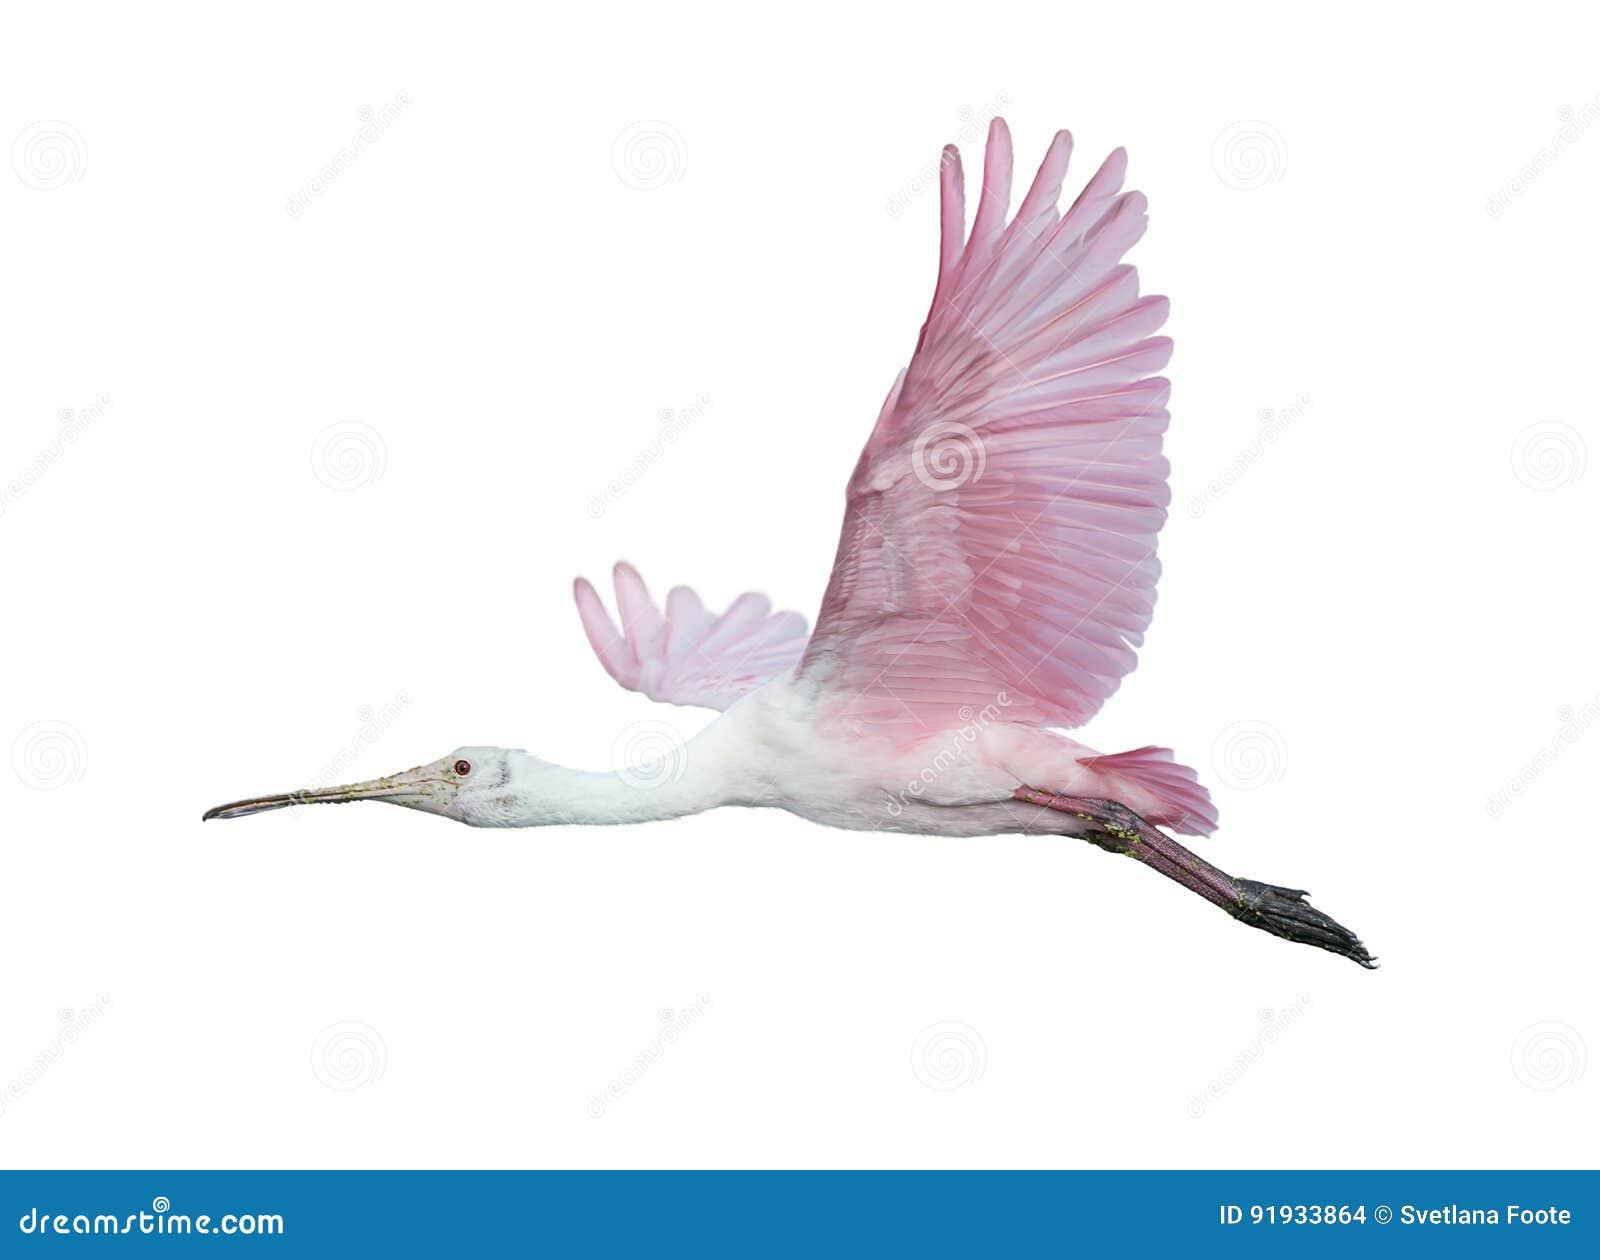 Rosa Spoonbill im Flug